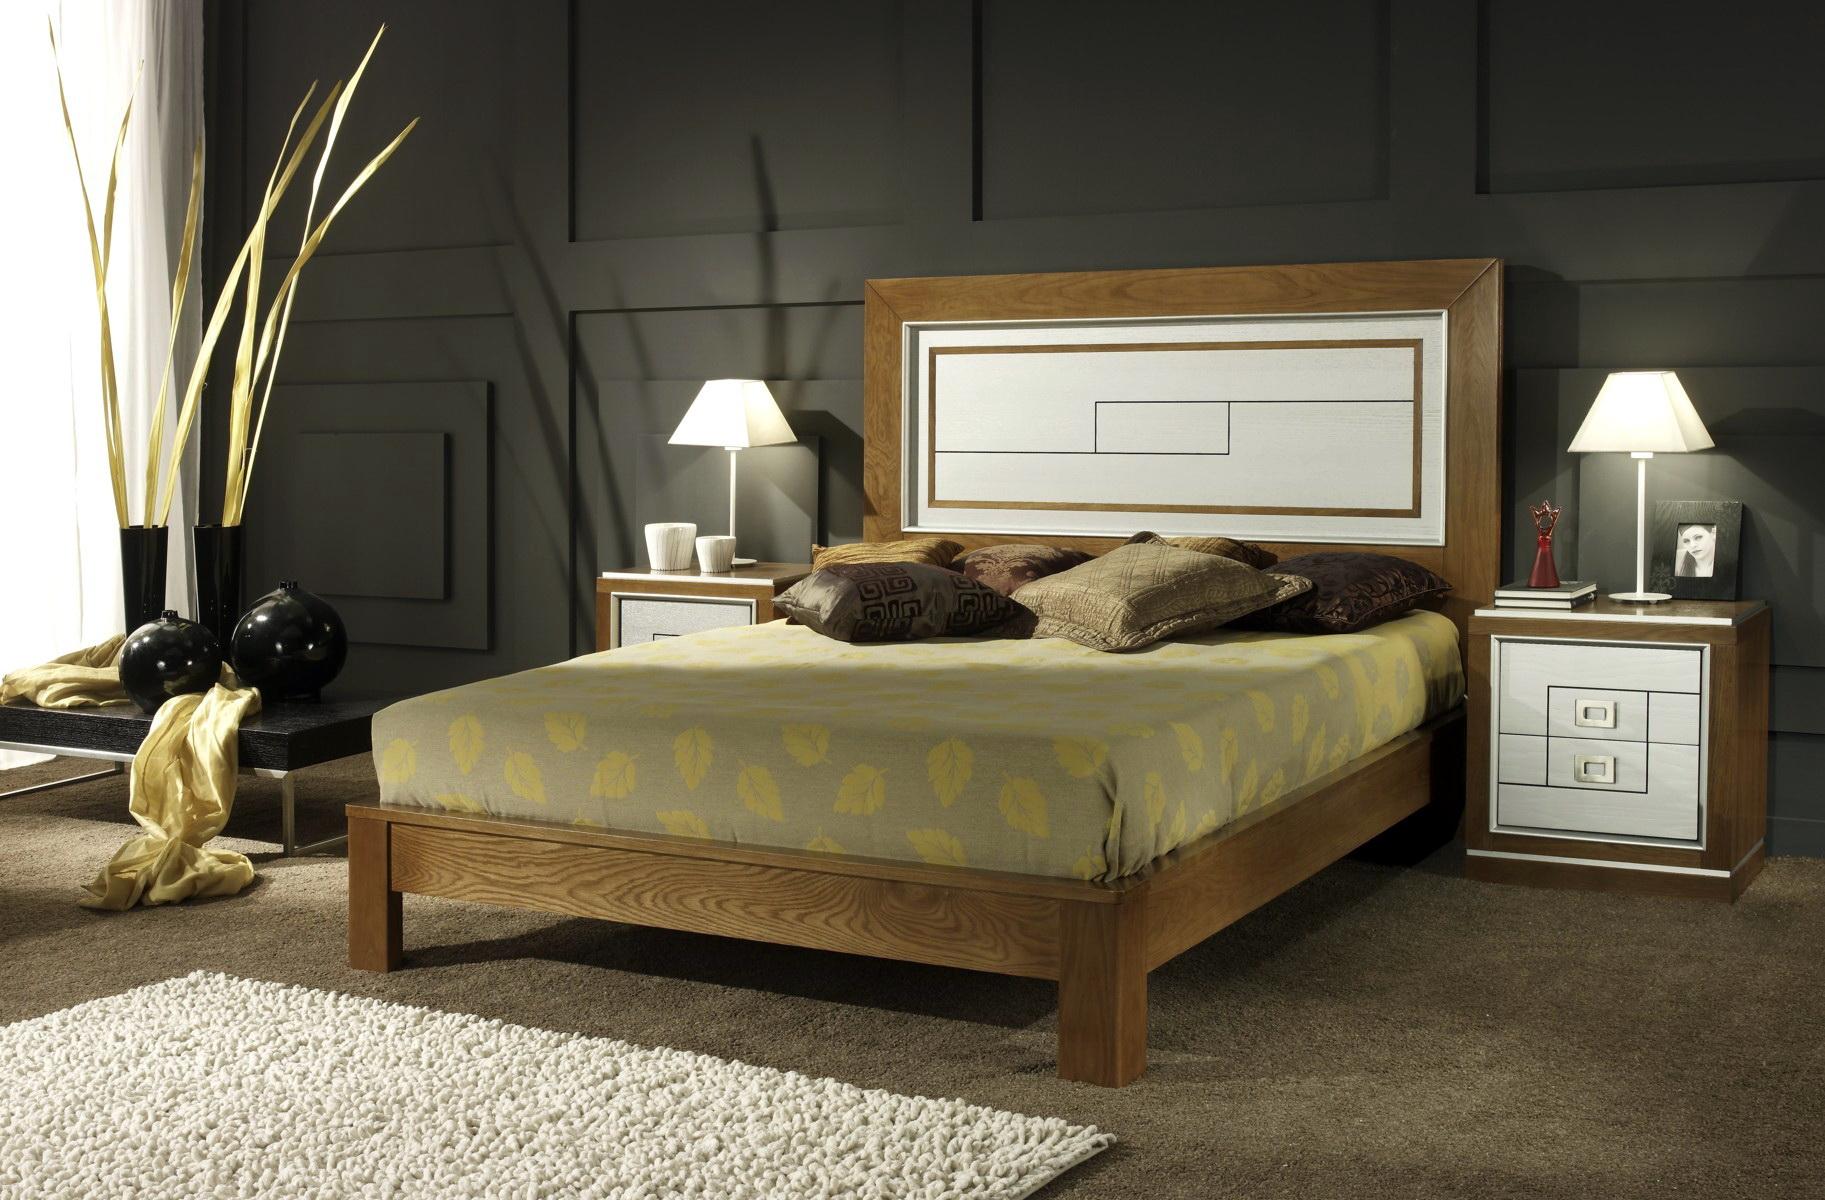 Burgos Dormitorio By Maecu Muebles Anto N # Muebles Hurtado Espana